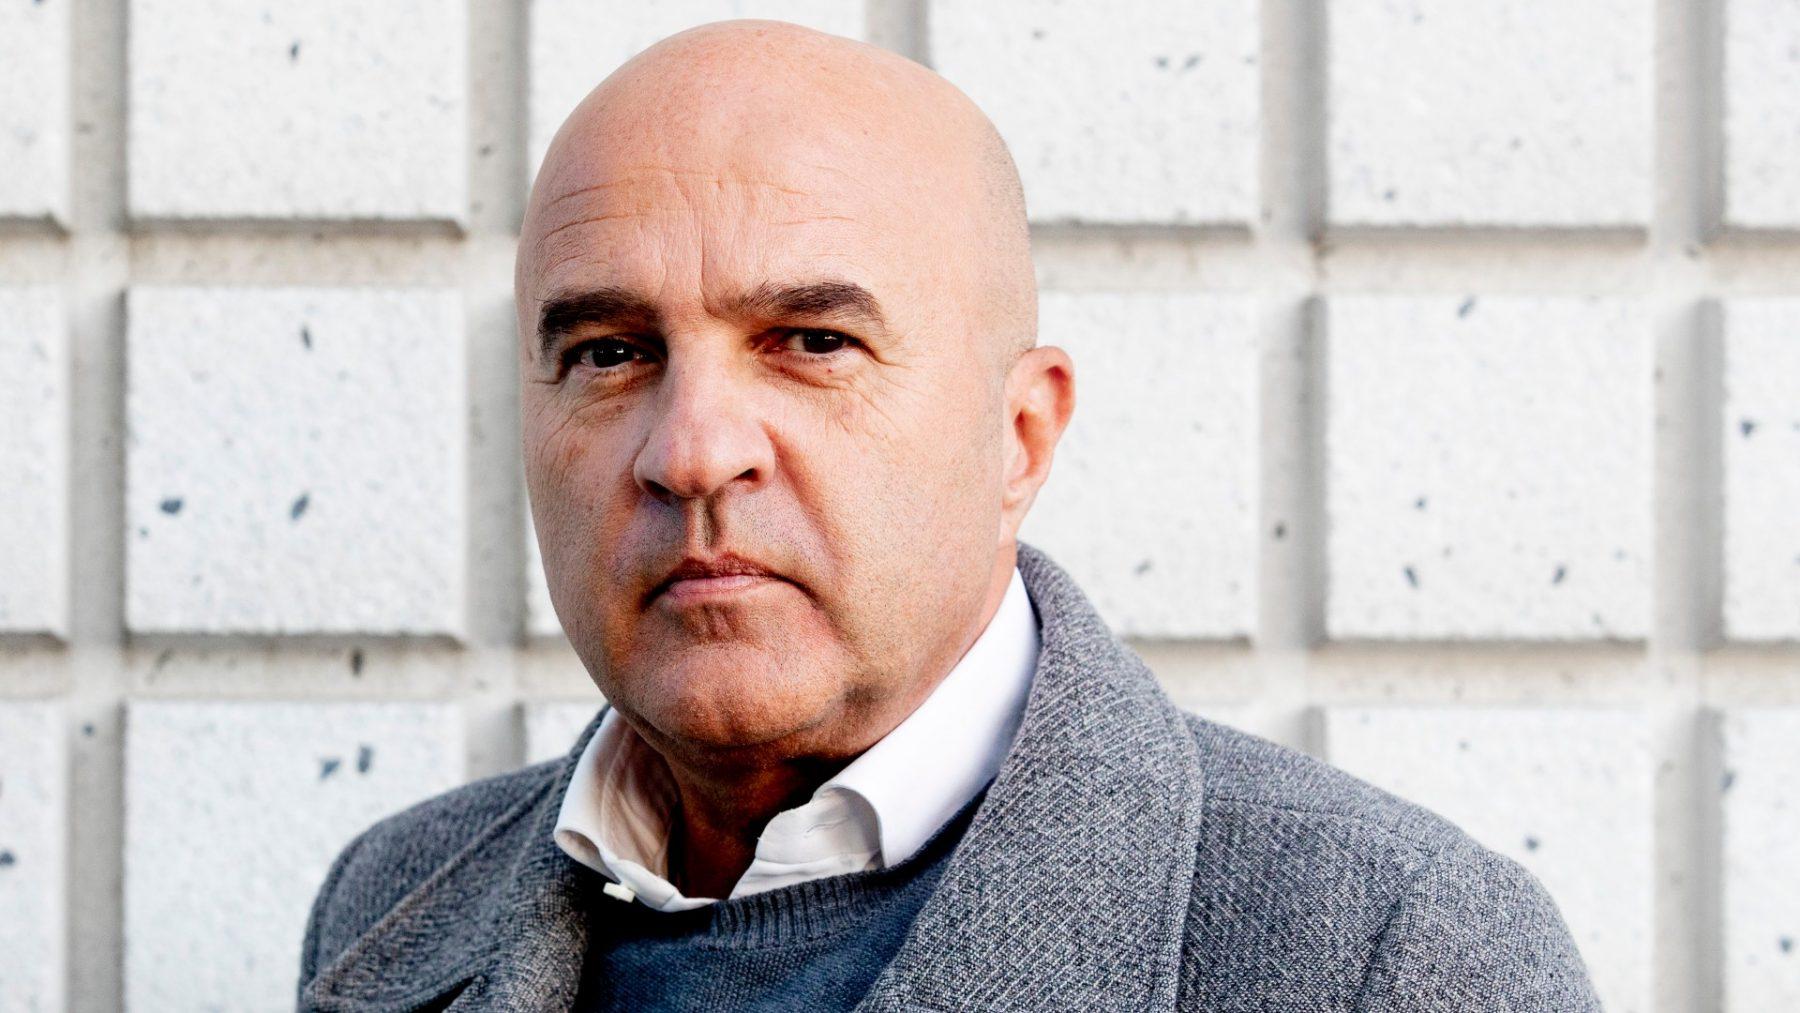 John van den Heuvel vindt dat Jeugdzorg 'wel eens eventjes' met Lil' Kleine mag gaan praten